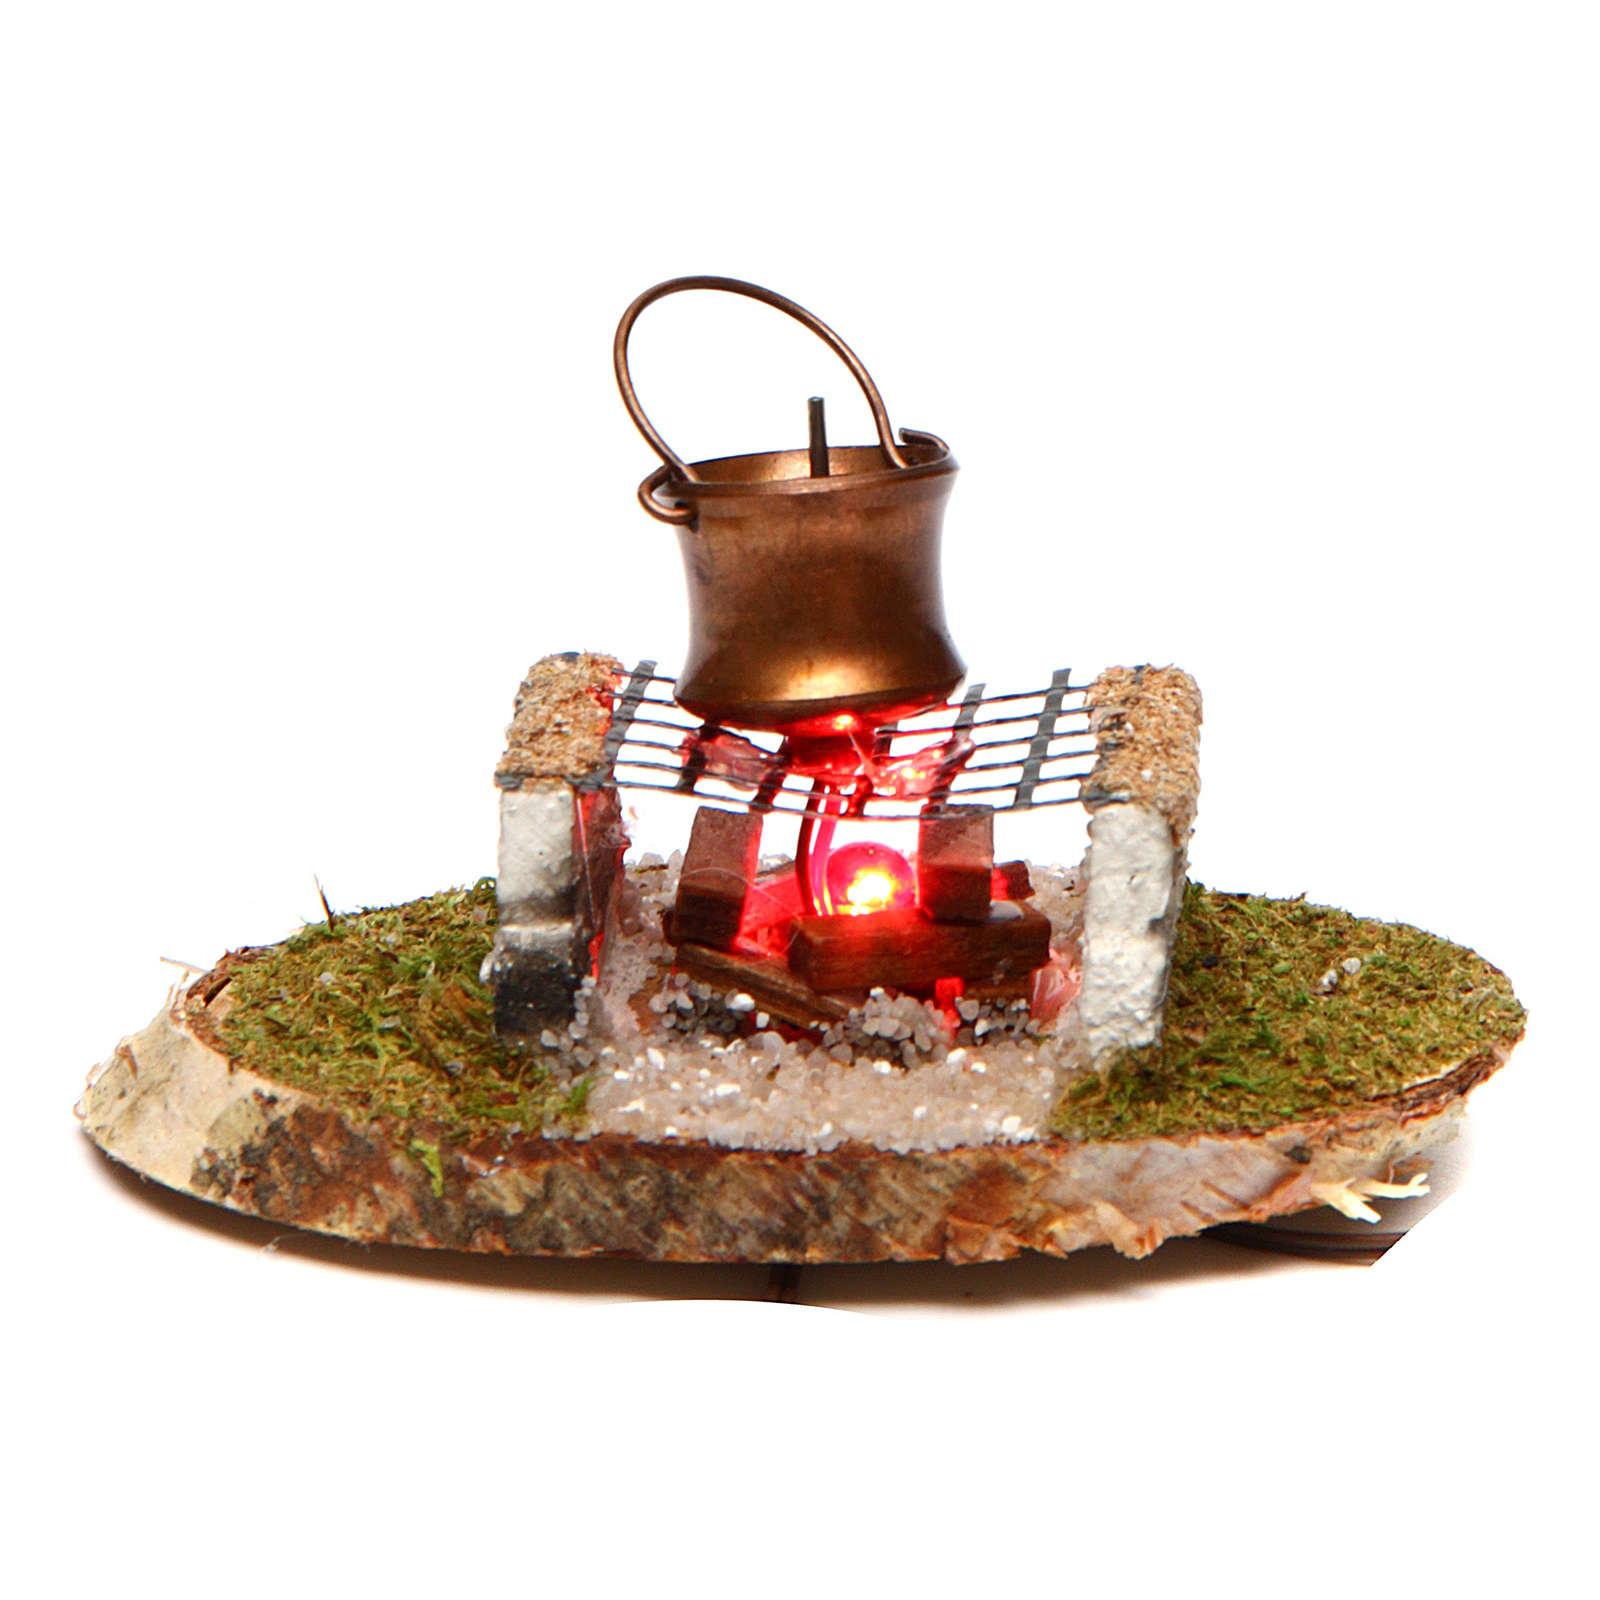 Casserole sur cheminée de grille et pierre 4,5 V 4